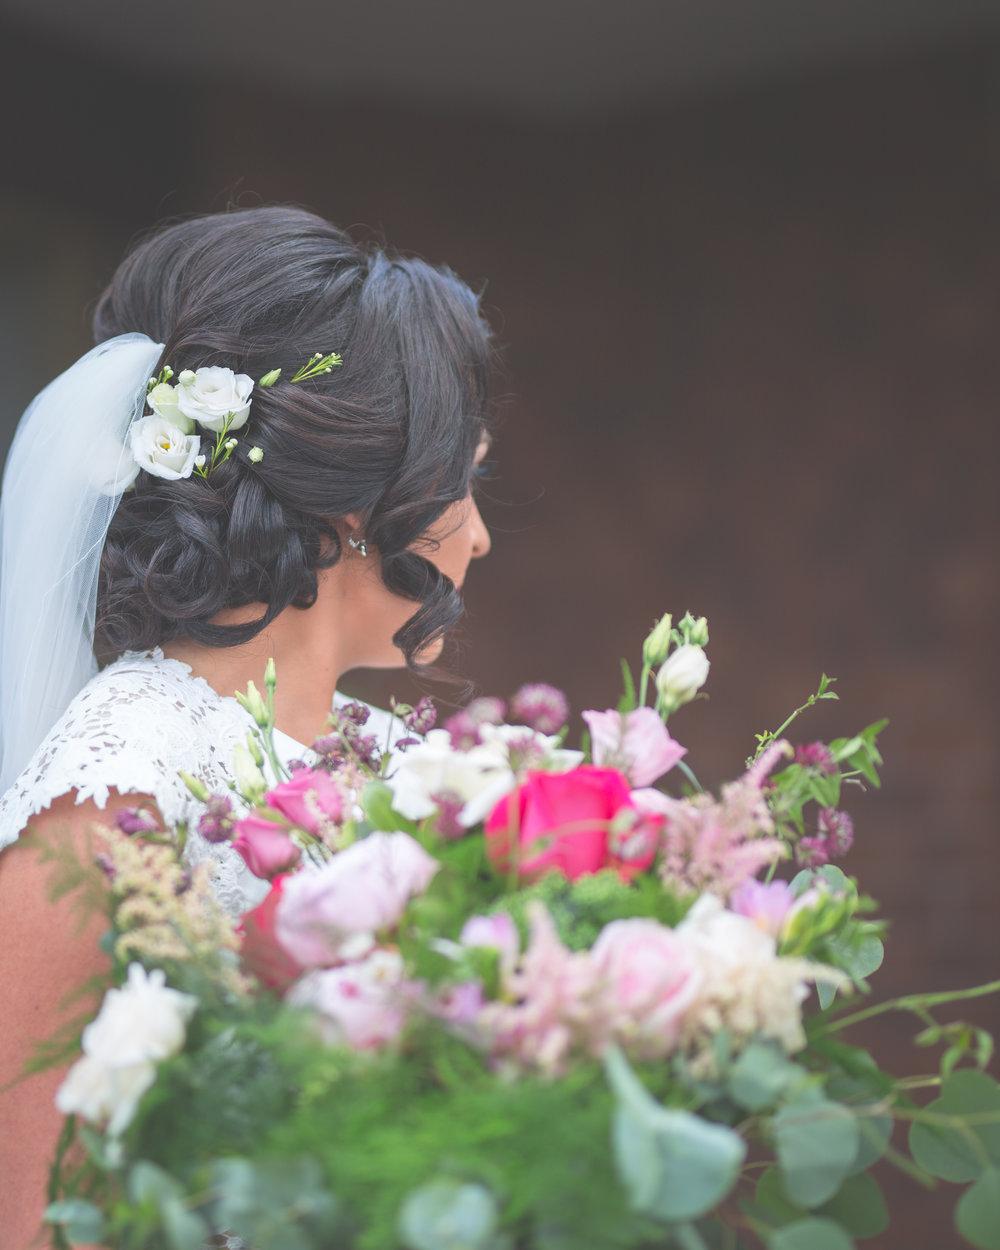 Brian McEwan Wedding Photography | Carol-Anne & Sean | Bridal Preparations-182.jpg